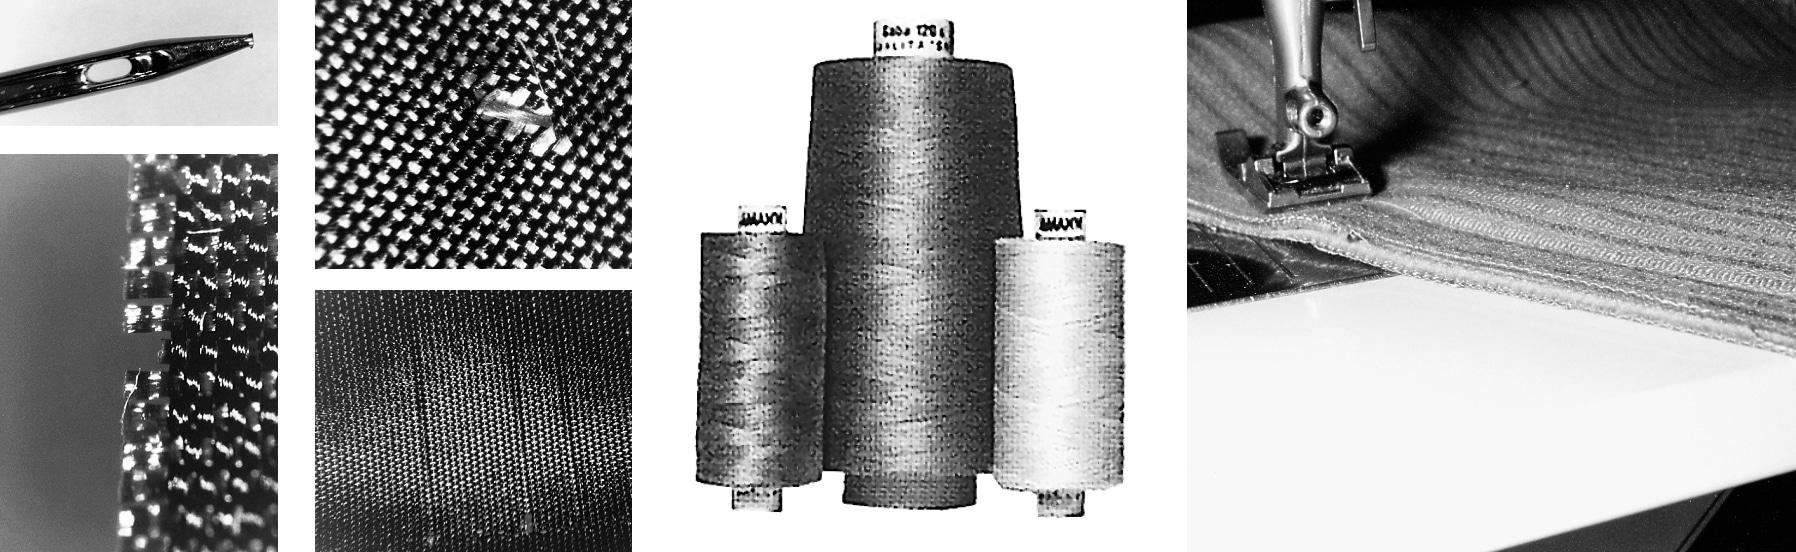 Das Foto zeigt Garn, Nadel, Nähfuß für die richtige Fadenspannung an der Nähmaschine